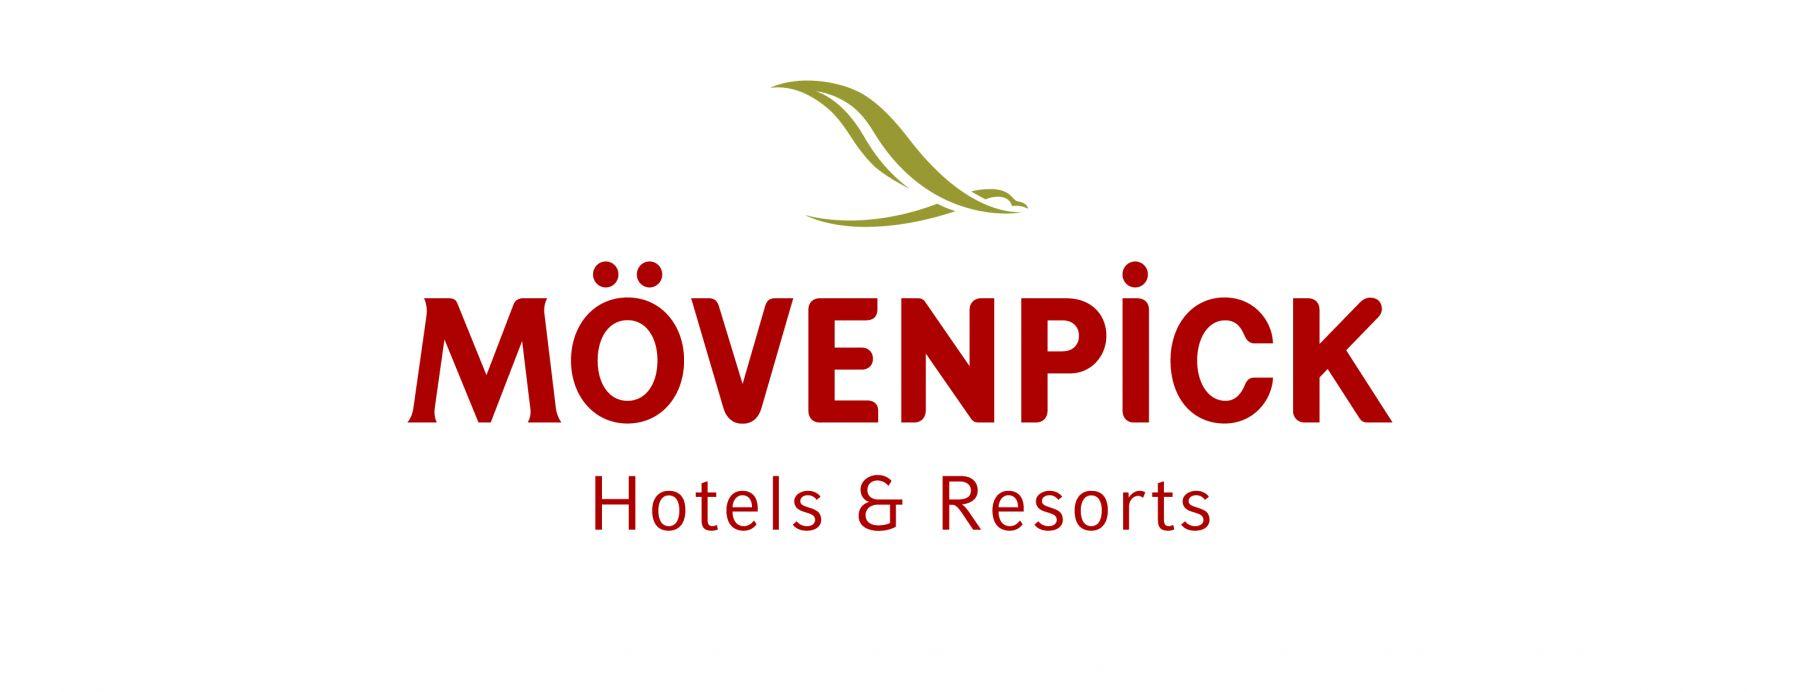 Đơn-vị-vận-hành-Movenpick-Resort-Phú-Quốc